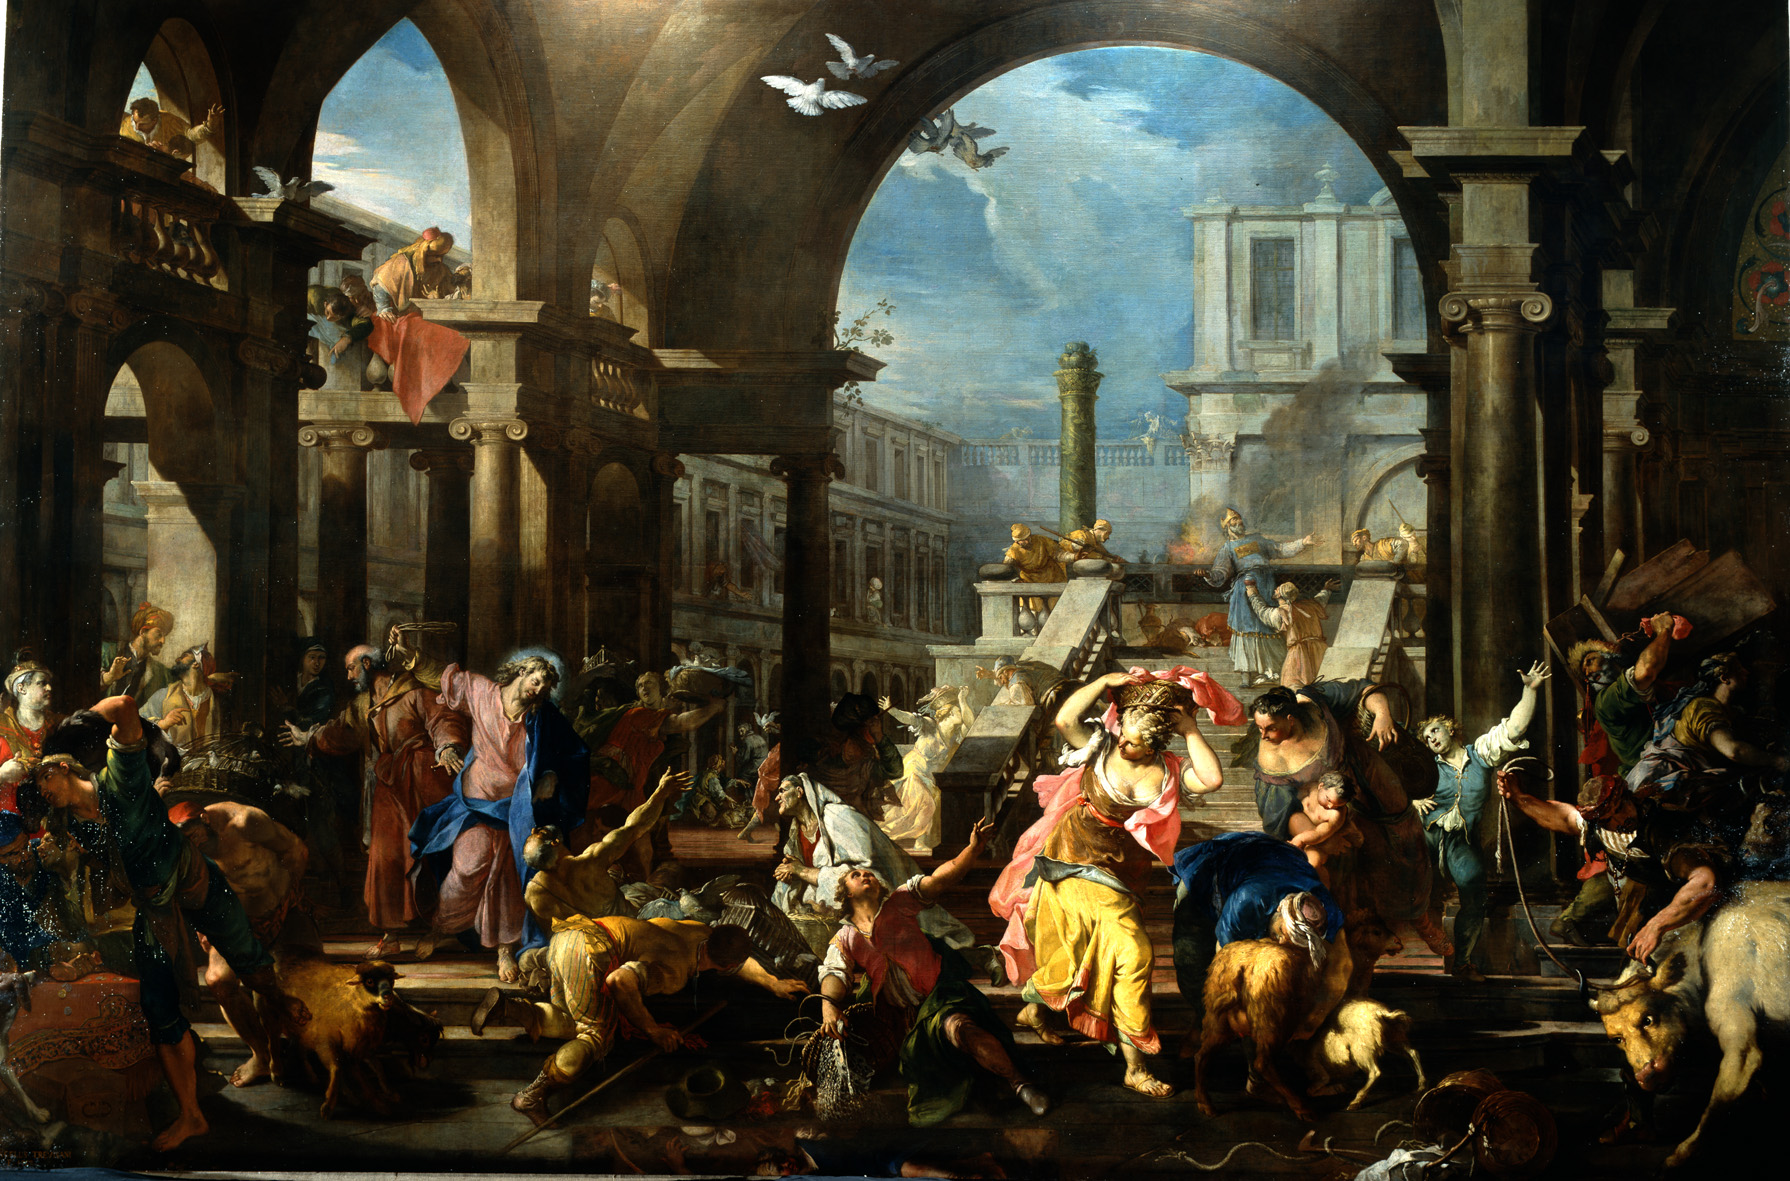 Corruzione di un angelo oscenitagrave religiose bestemmie ed insulti - 5 7